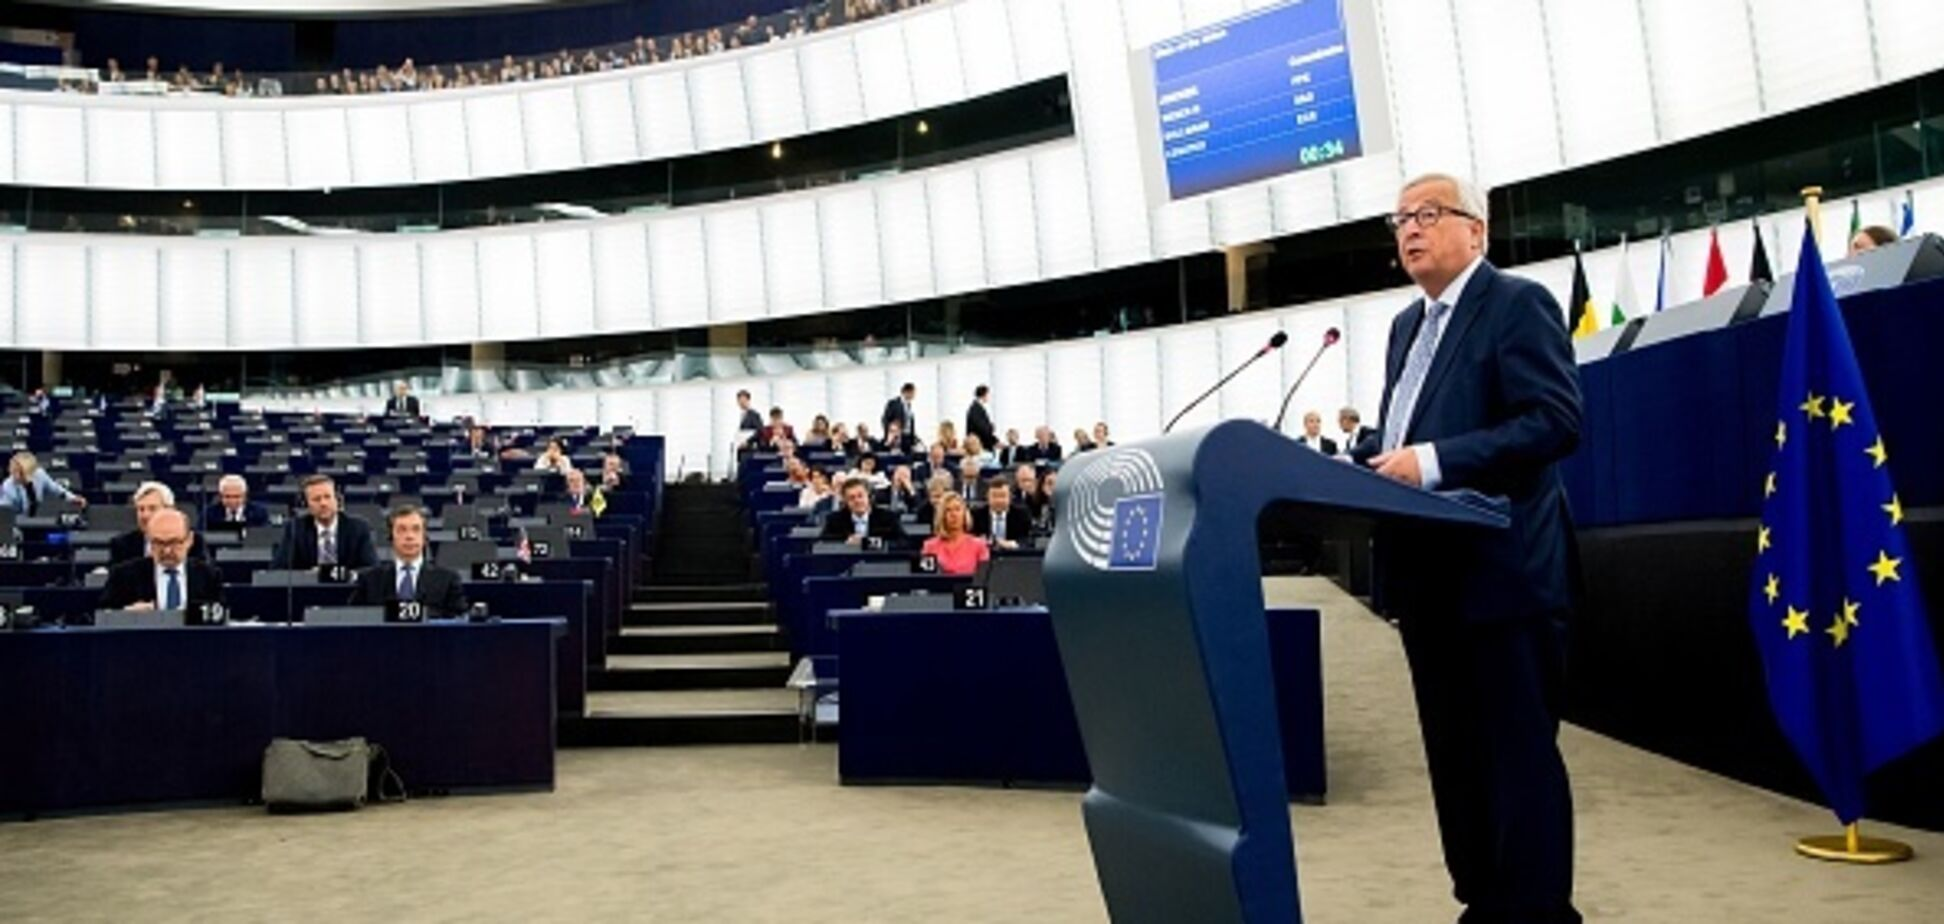 Україну проігнорували у важливій доповіді ЄС: що відомо